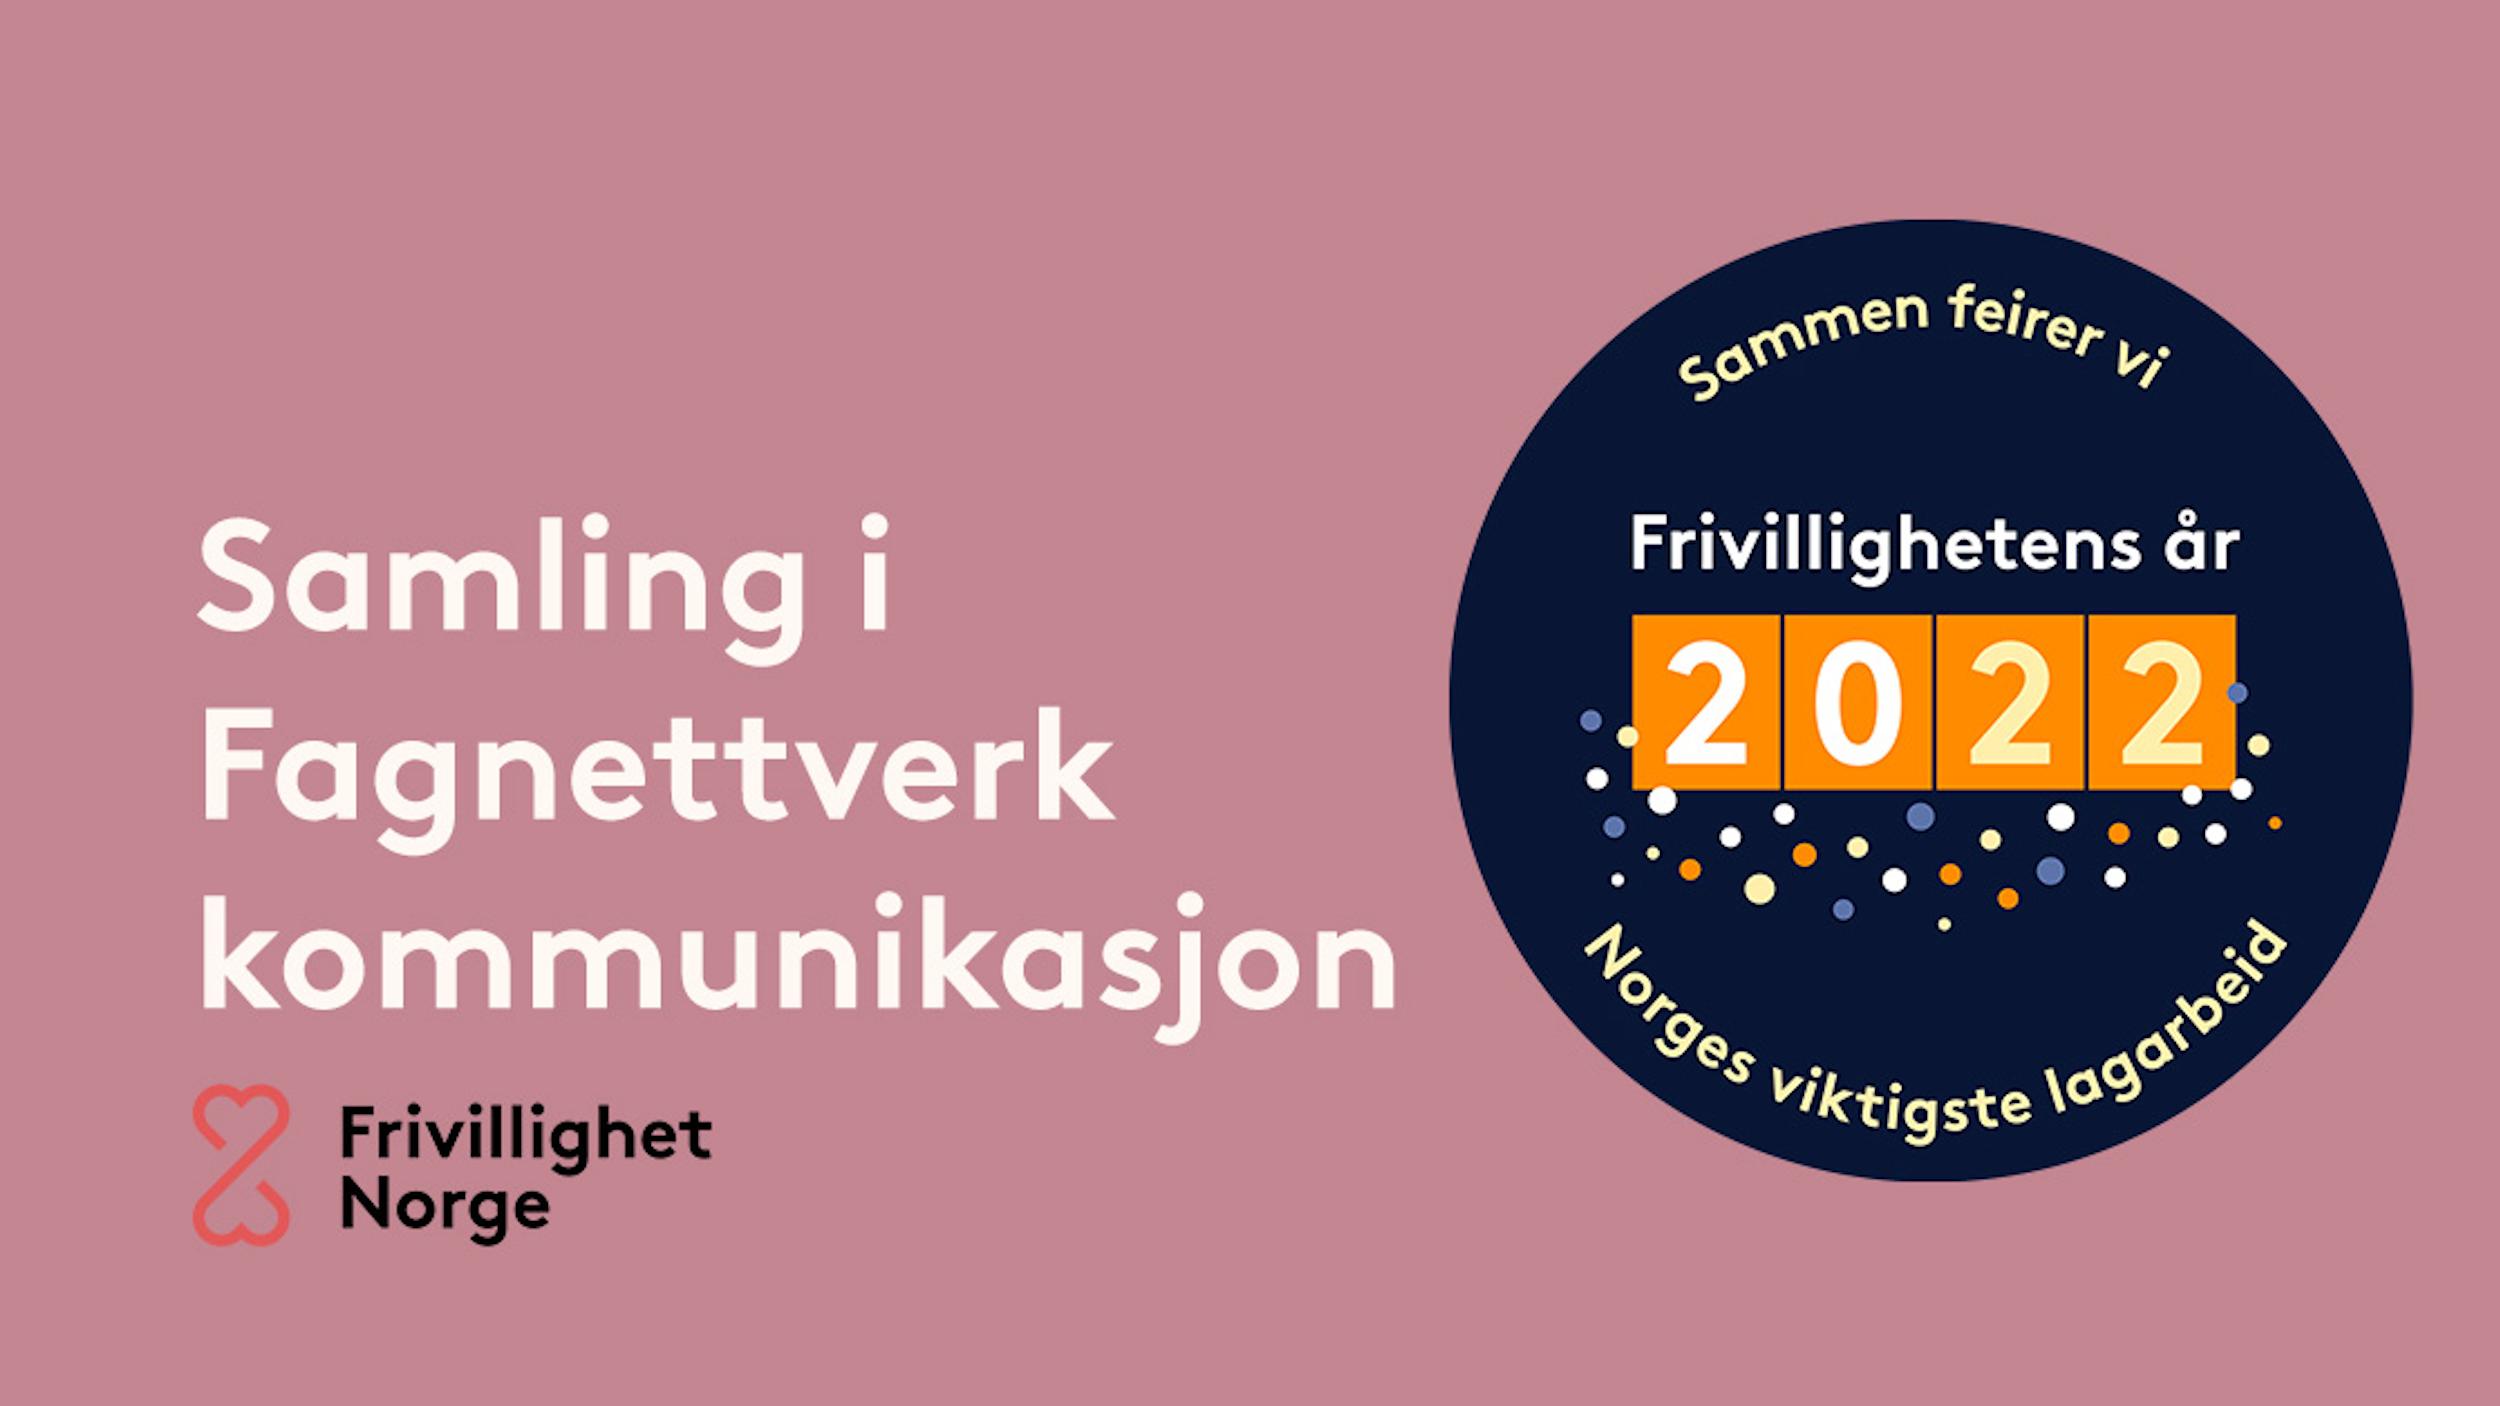 Sammen feirer vi Norges viktigste lagarbeid!